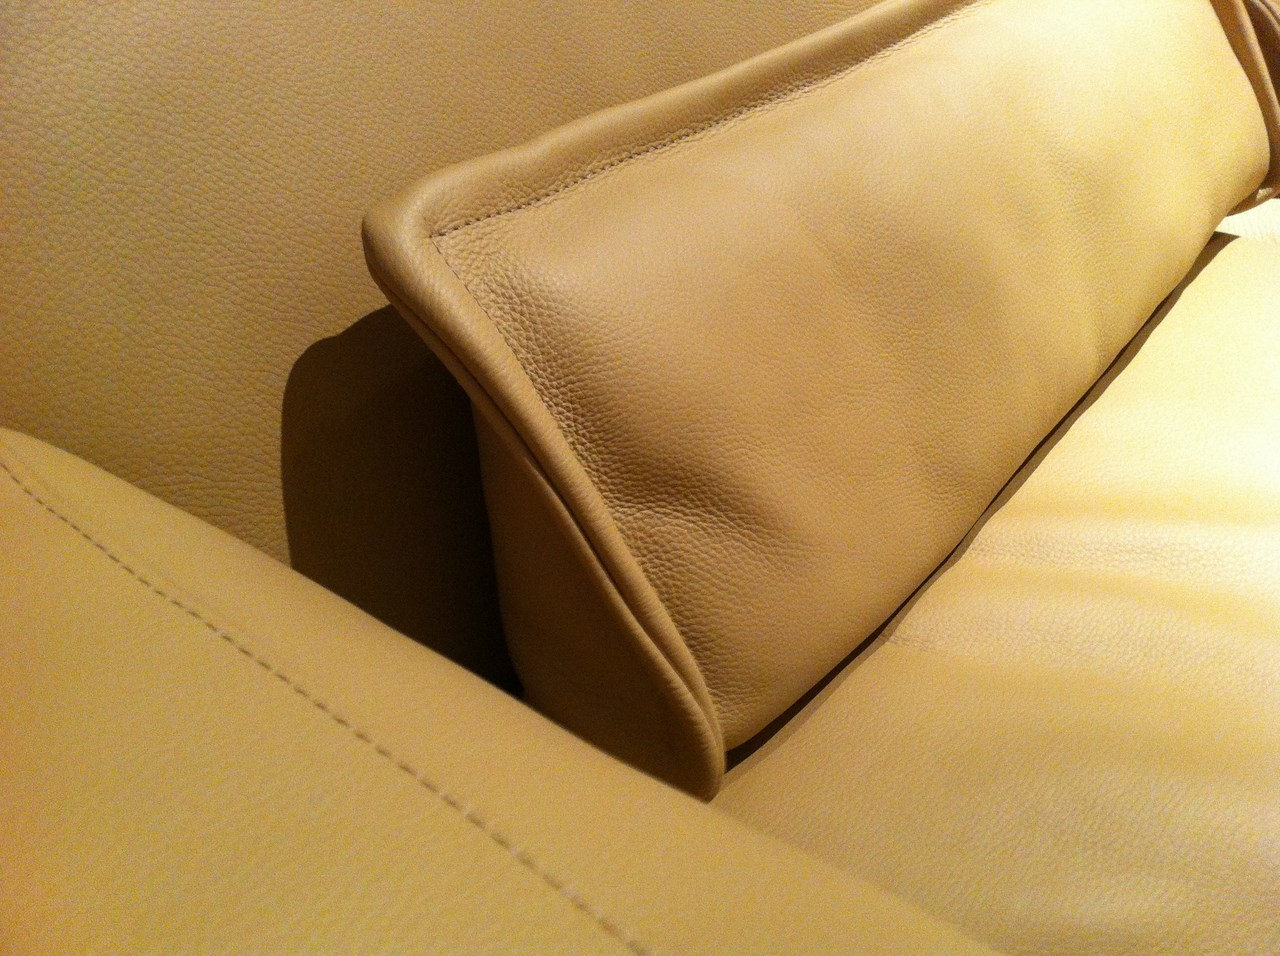 Des coussins en cuir pour mon canap blog de seanroyale for Coussin pour canape en cuir